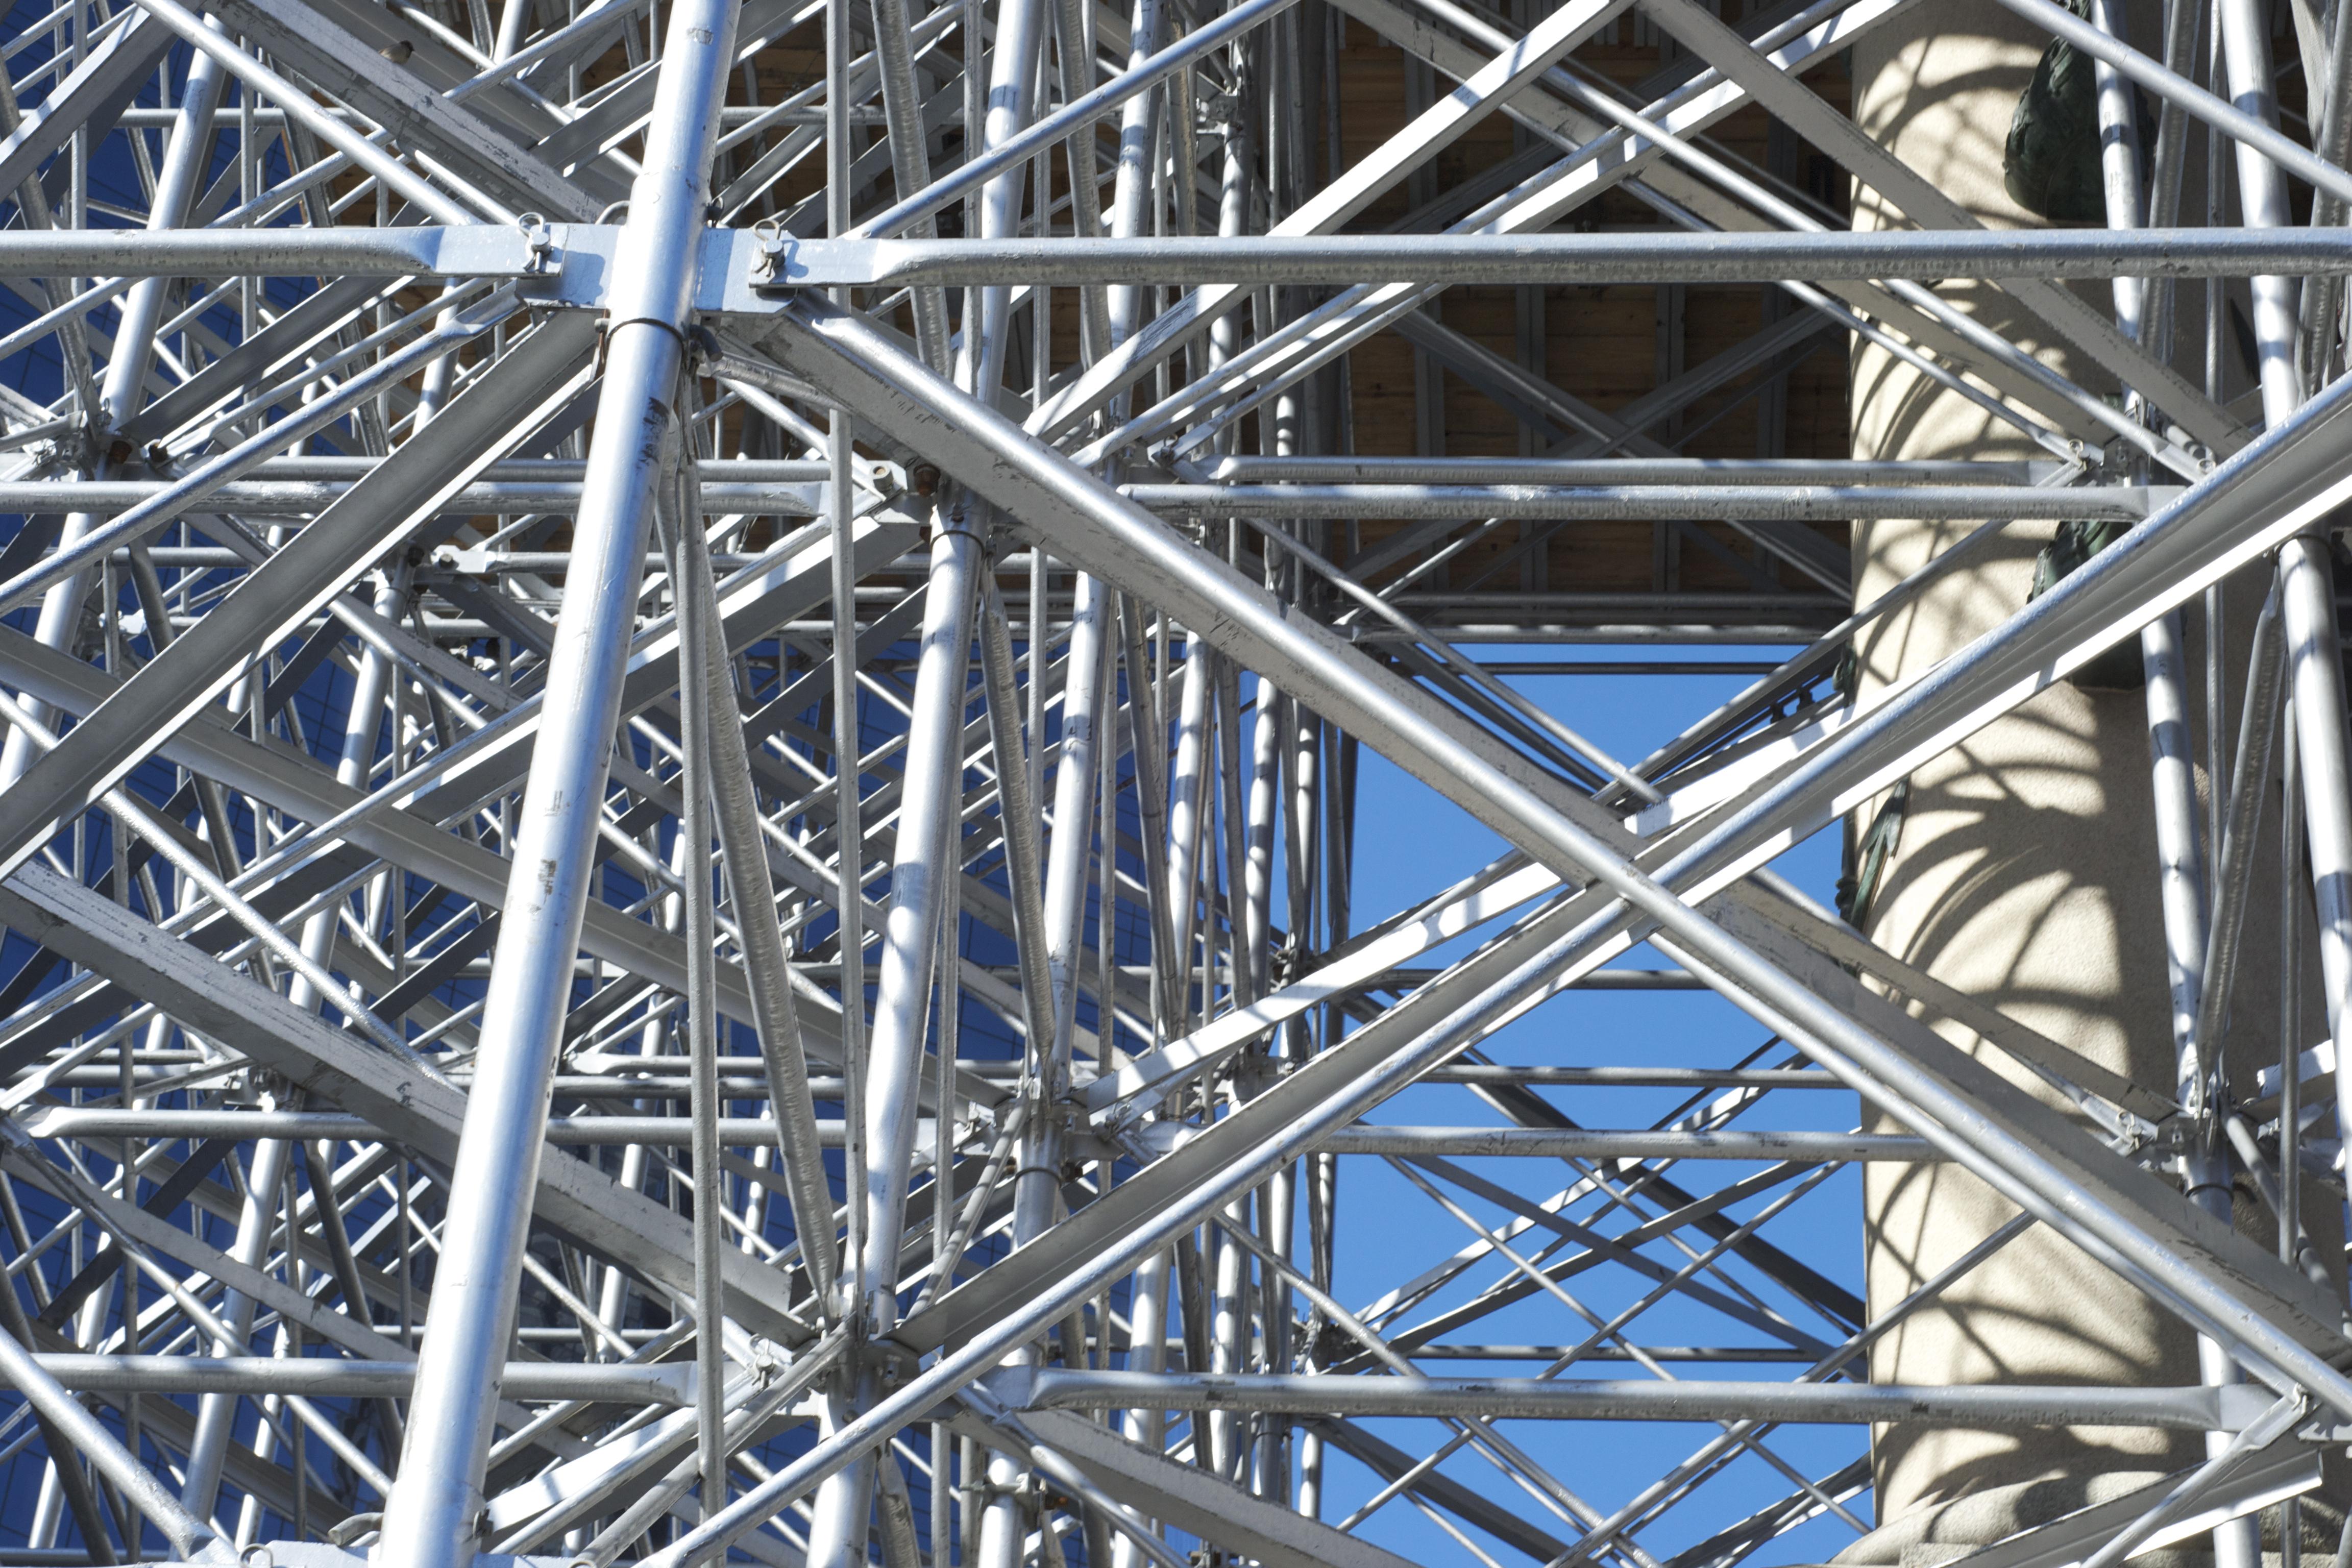 Afbeeldingsresultaat voor scaffolding wallpaper png